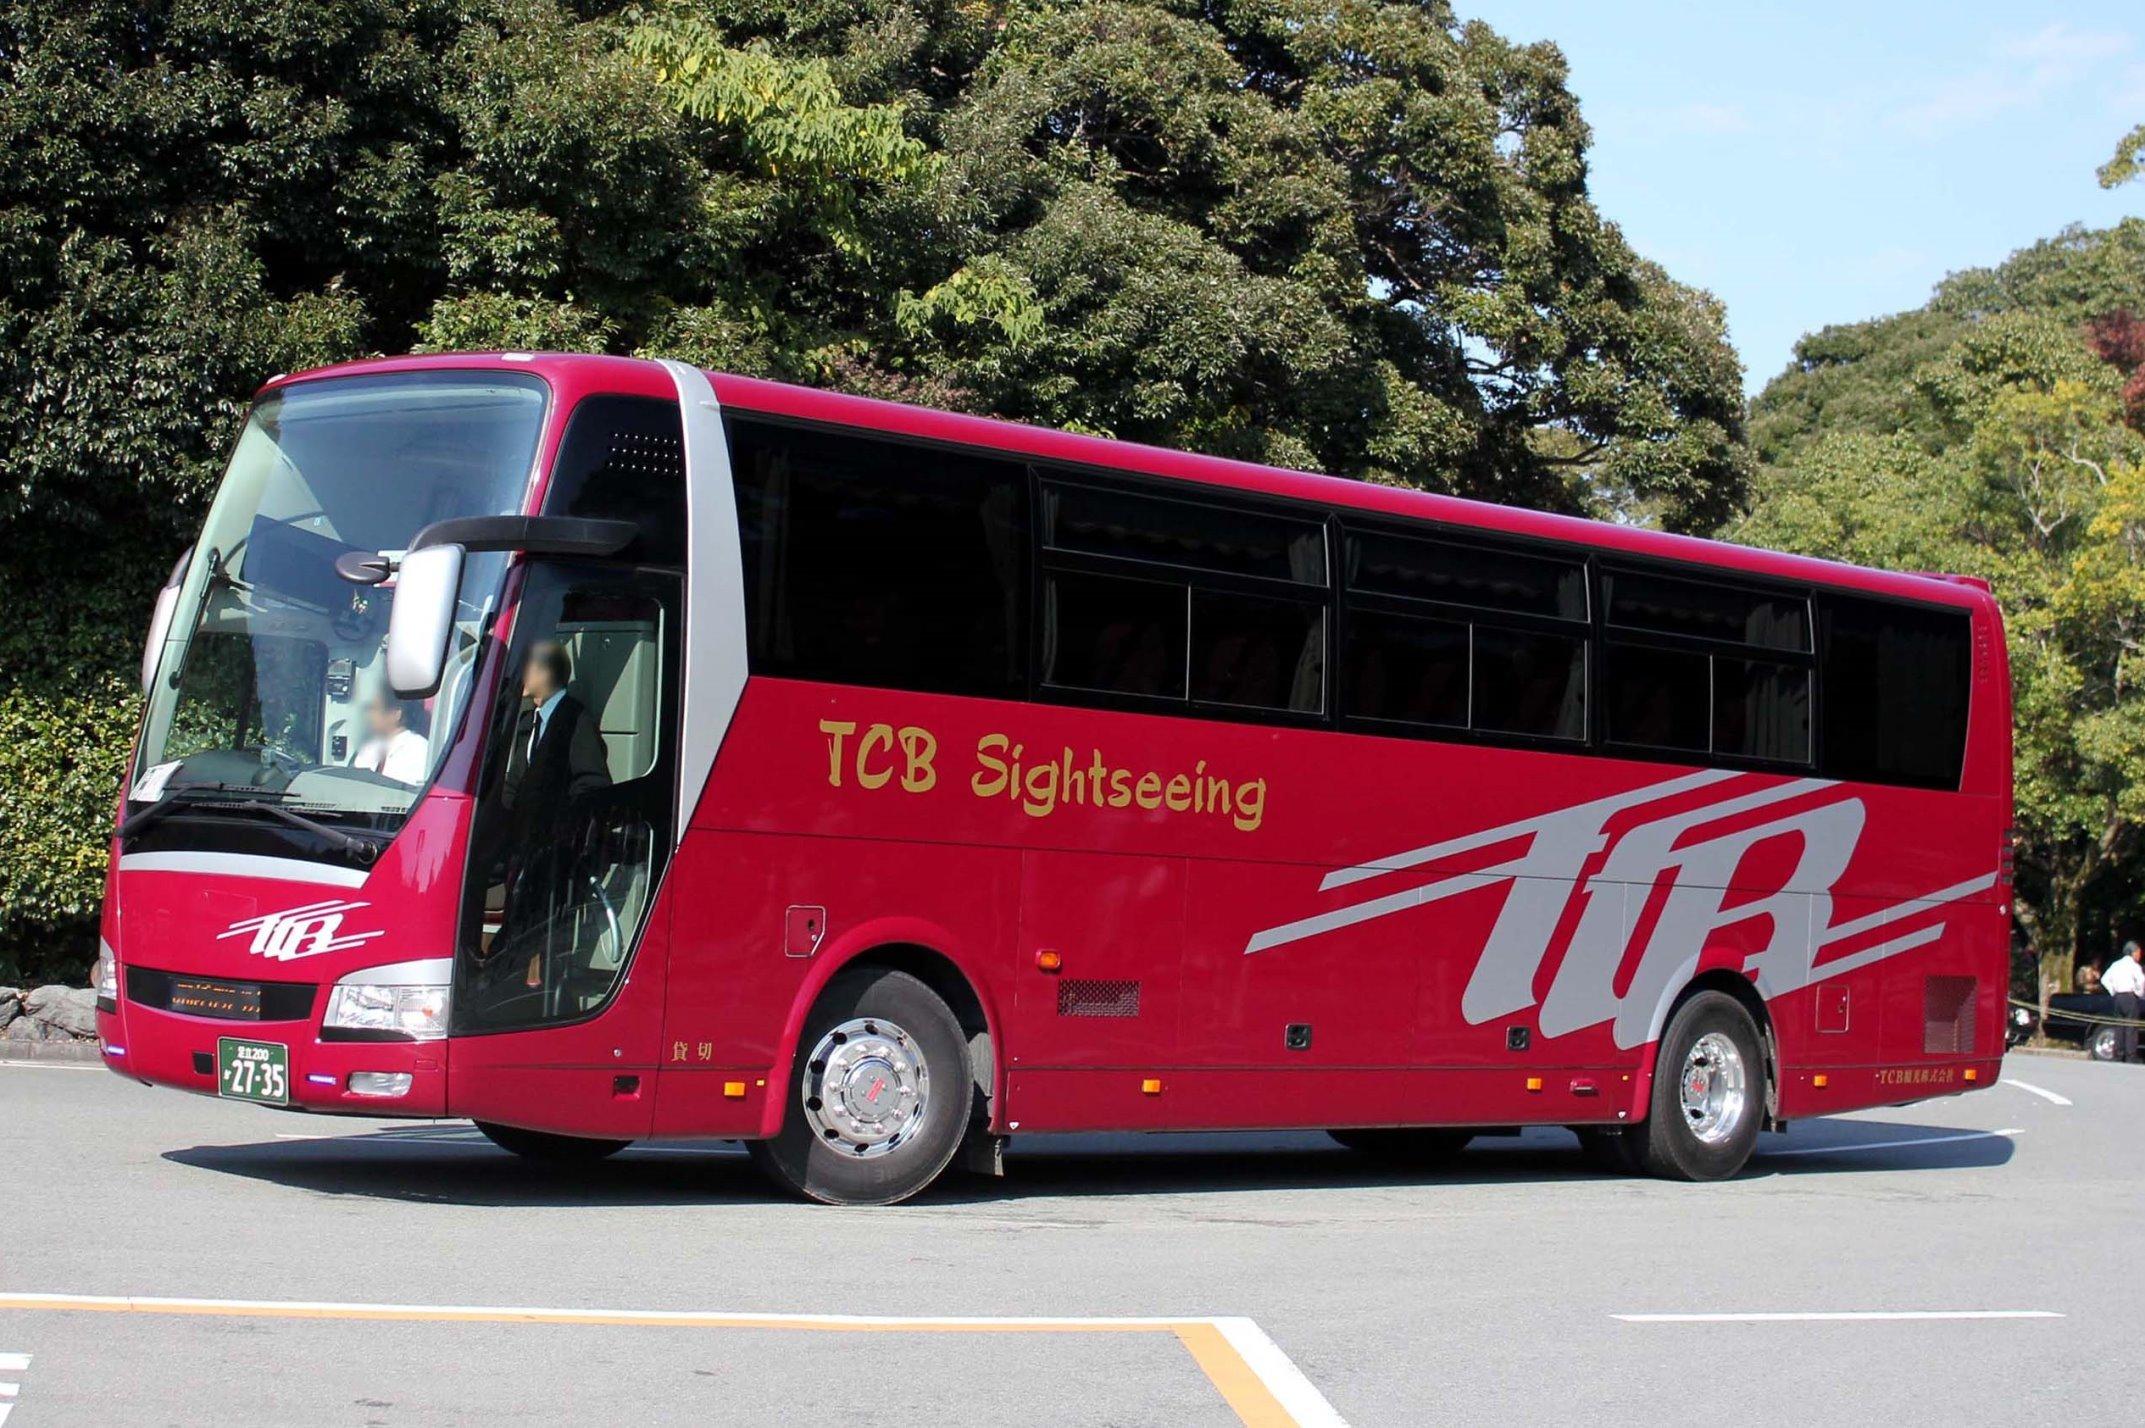 TCB観光 か2735